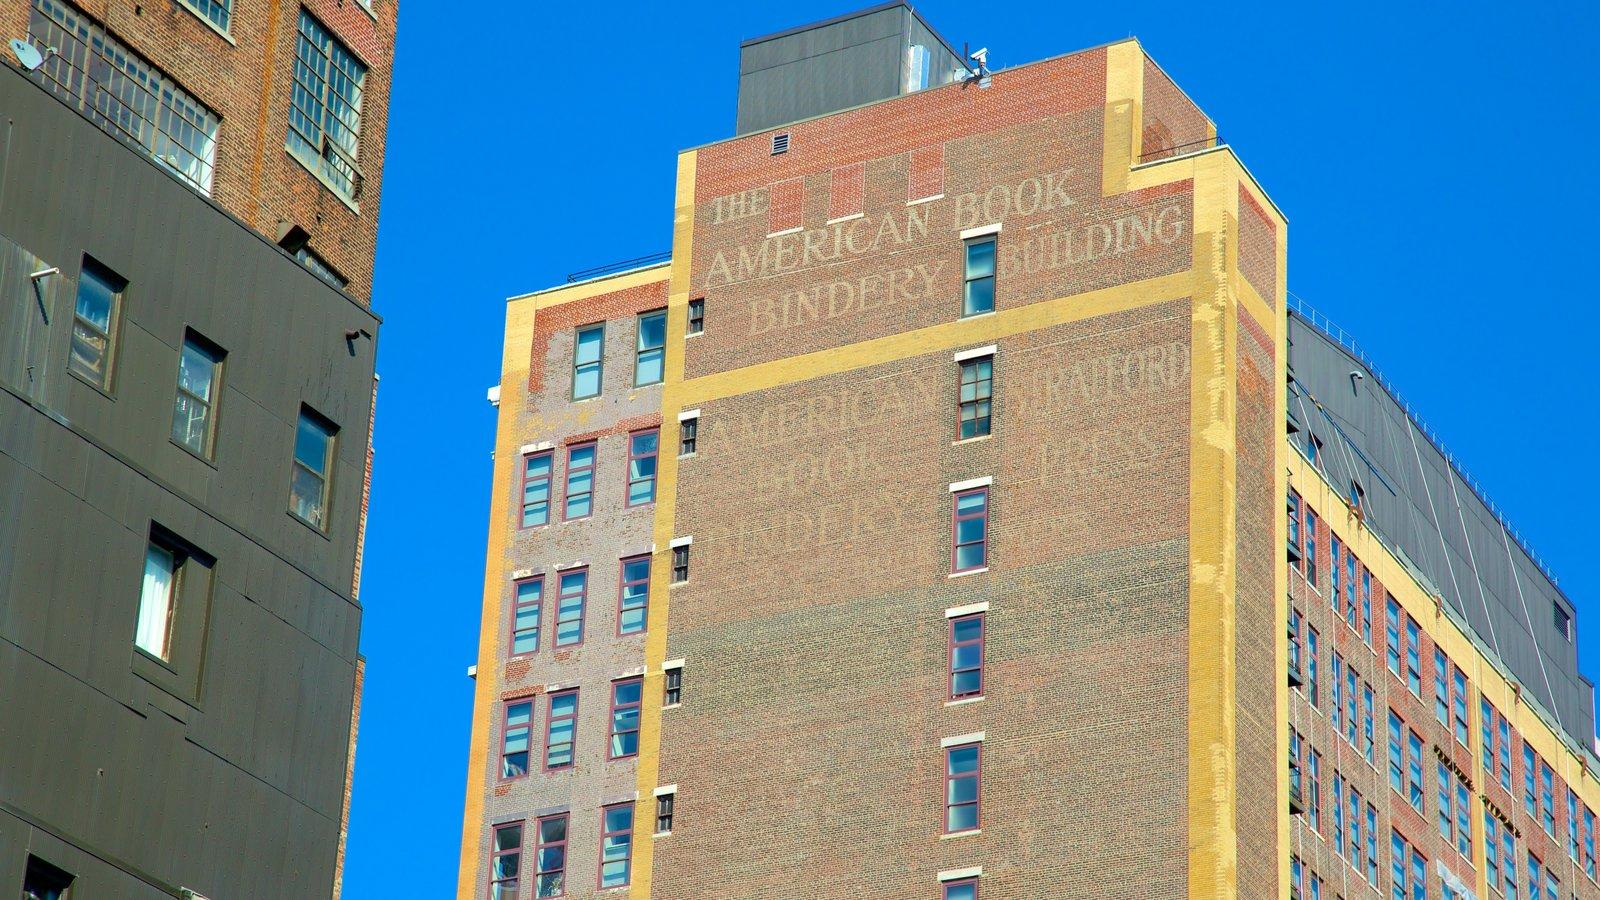 The High Line Park caracterizando sinalização e uma cidade